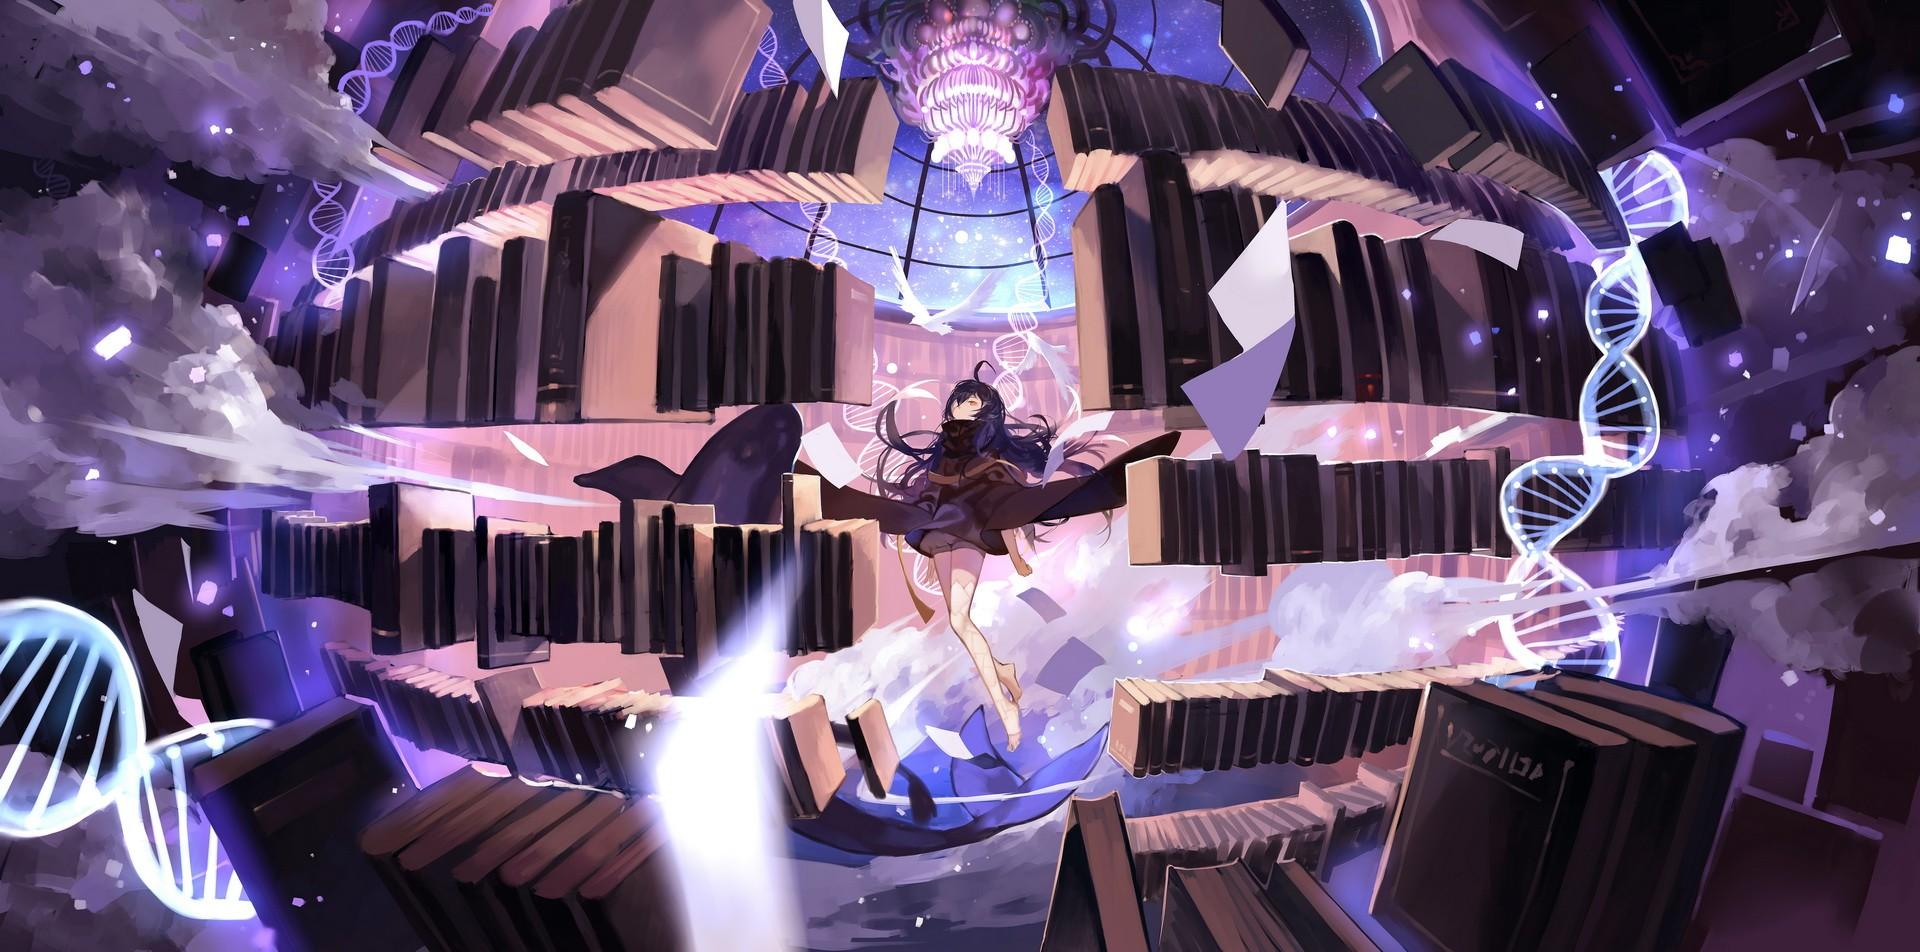 デスクトップ壁紙 アニメの女の子 Pixiv ステージ スクリーンショット ミュージカルシアター ナイトクラブ 19x952 Ludendorf デスクトップ壁紙 Wallhere